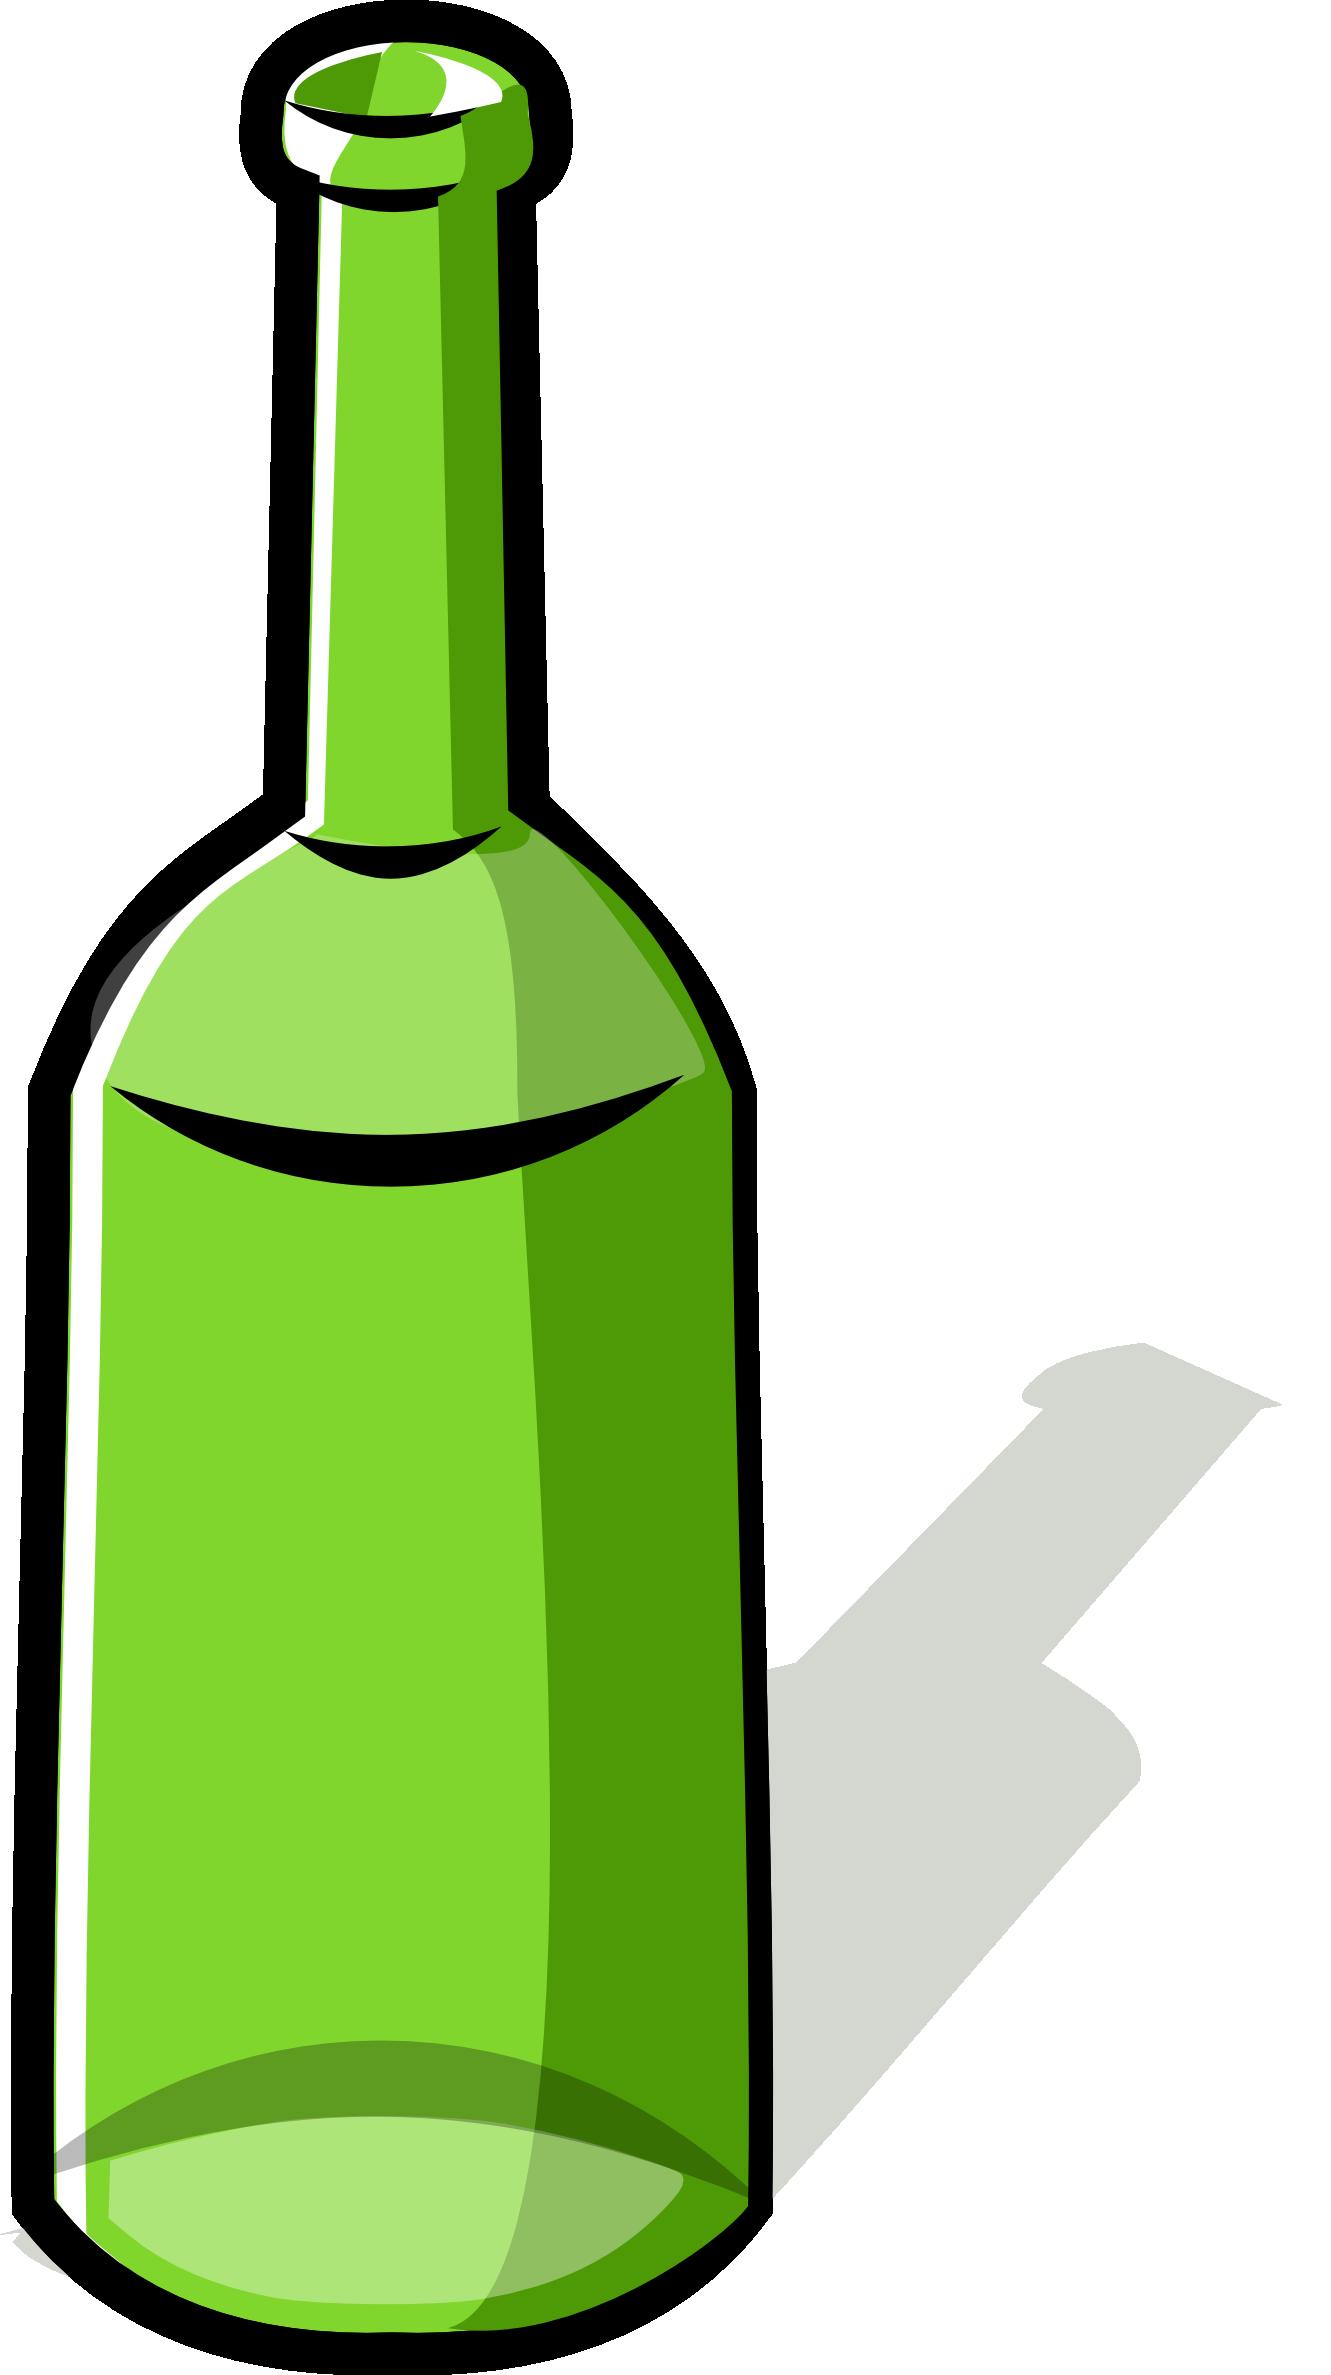 Green Bottle PNG Image